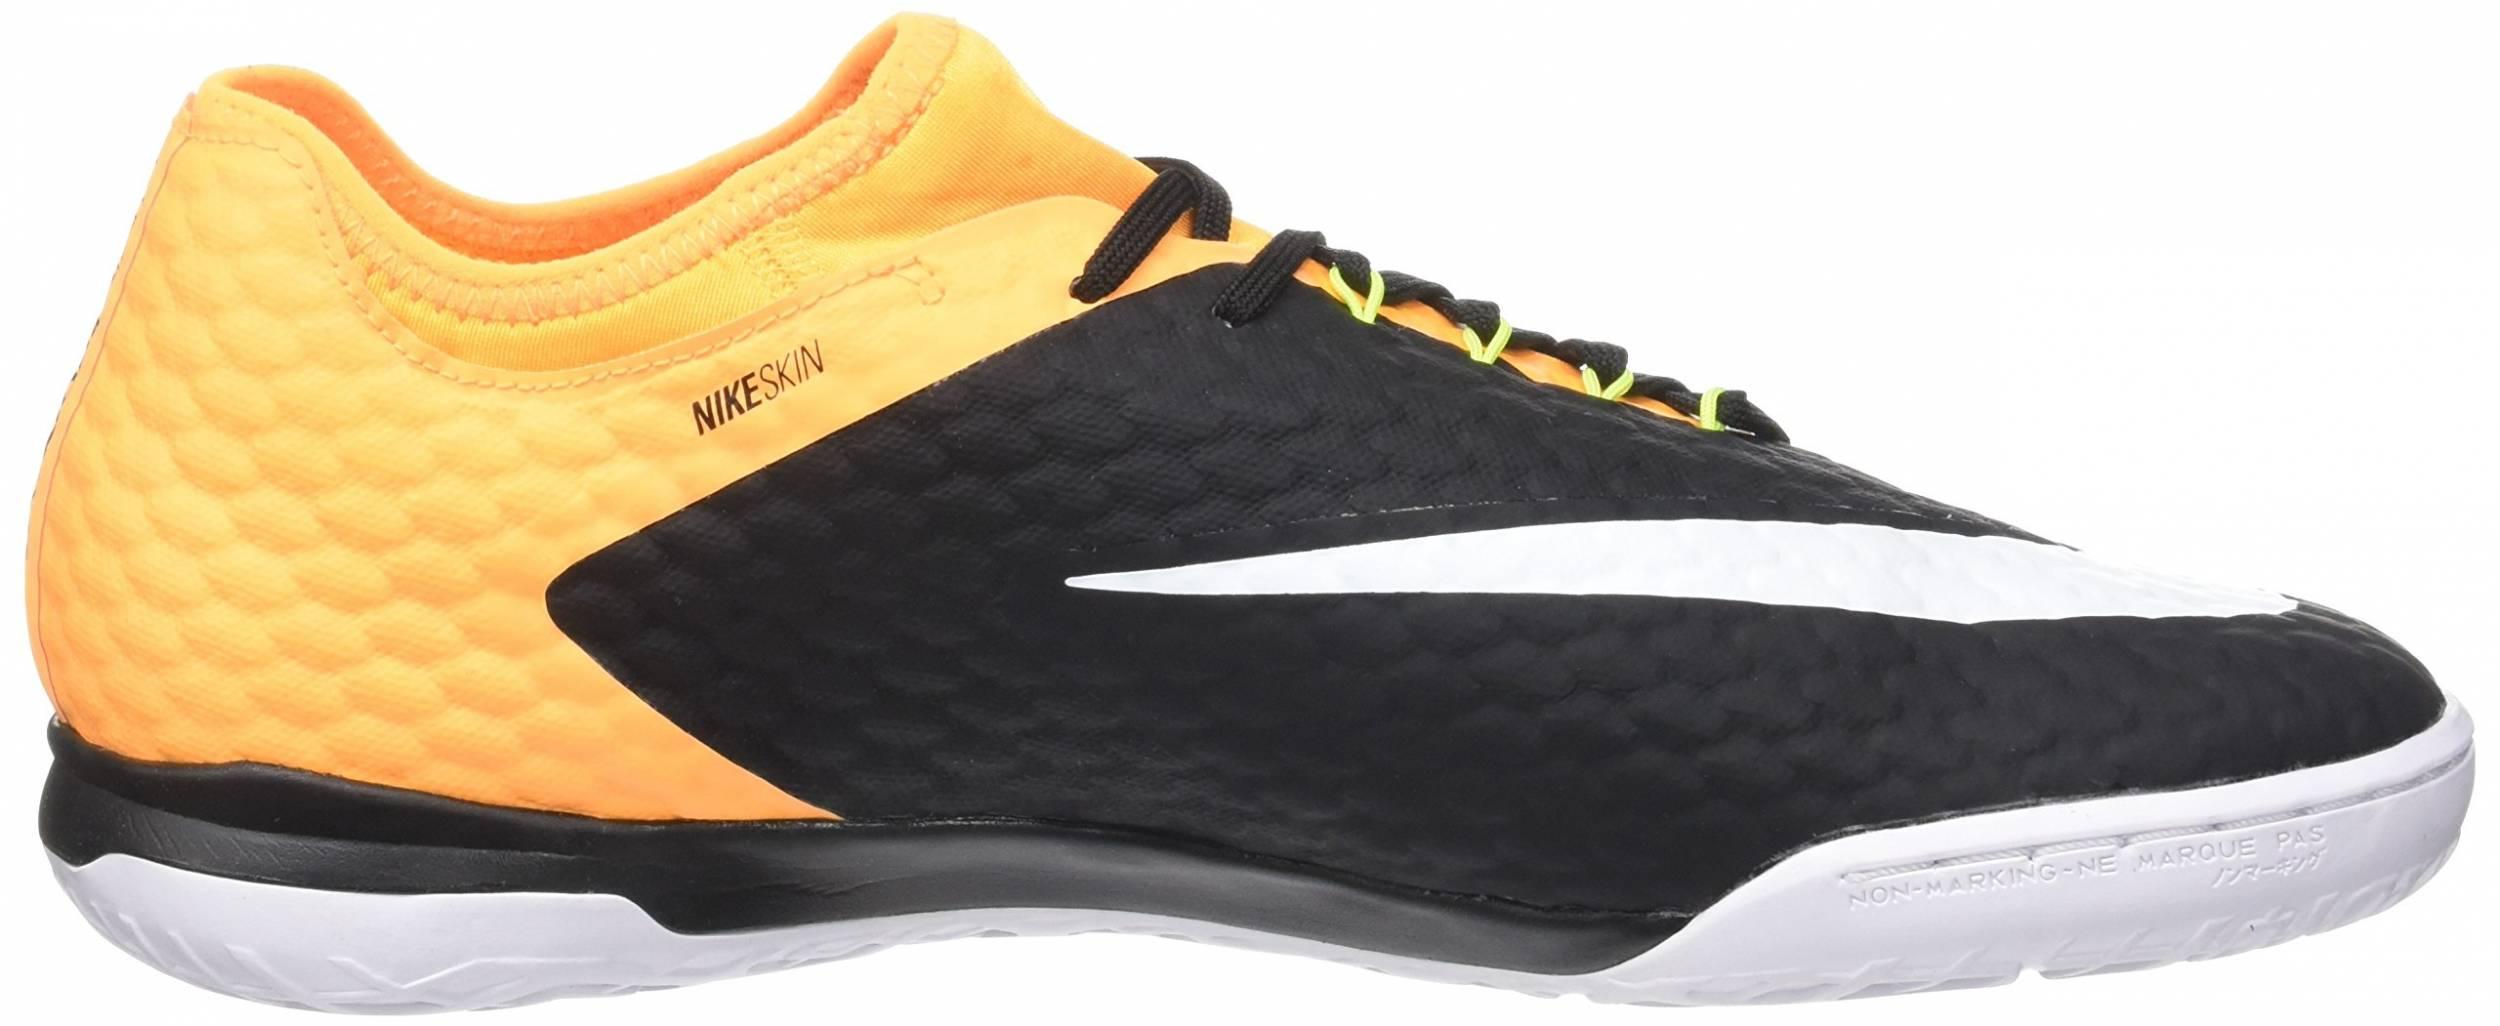 Nike HypervenomX Finale II Indoor